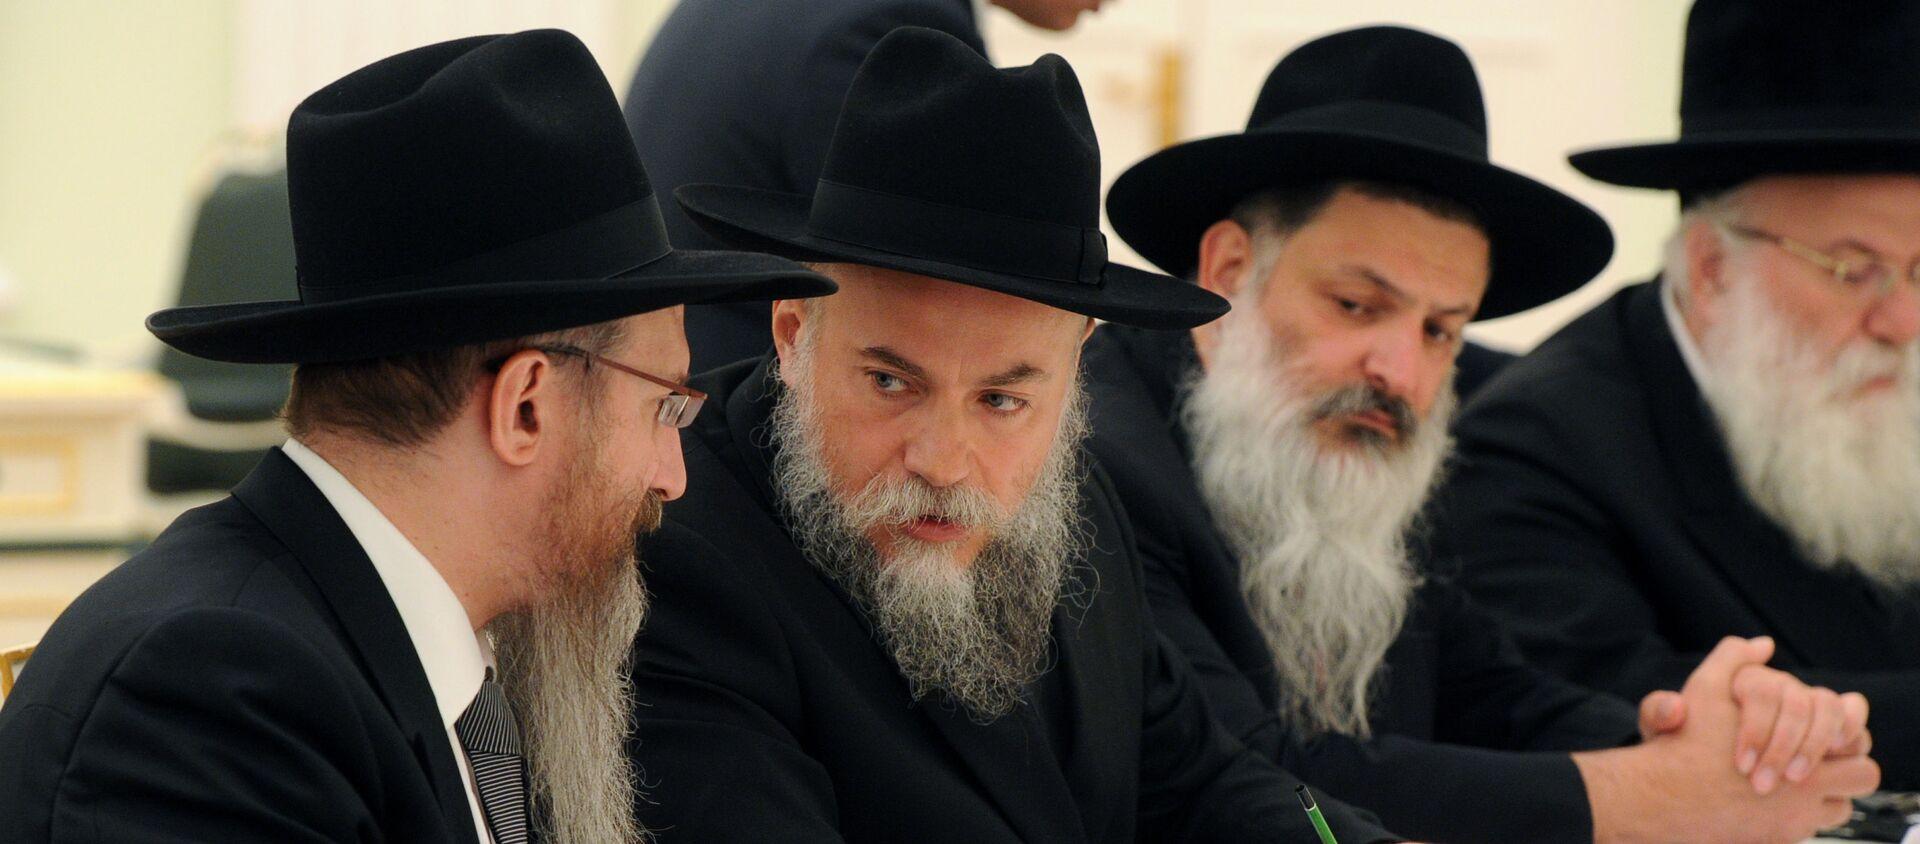 Władimir Putin spotyka się z delegacją rabinów z kilku krajów. Wśród nich rabin Aleksandr Boroda - Sputnik Polska, 1920, 12.06.2021